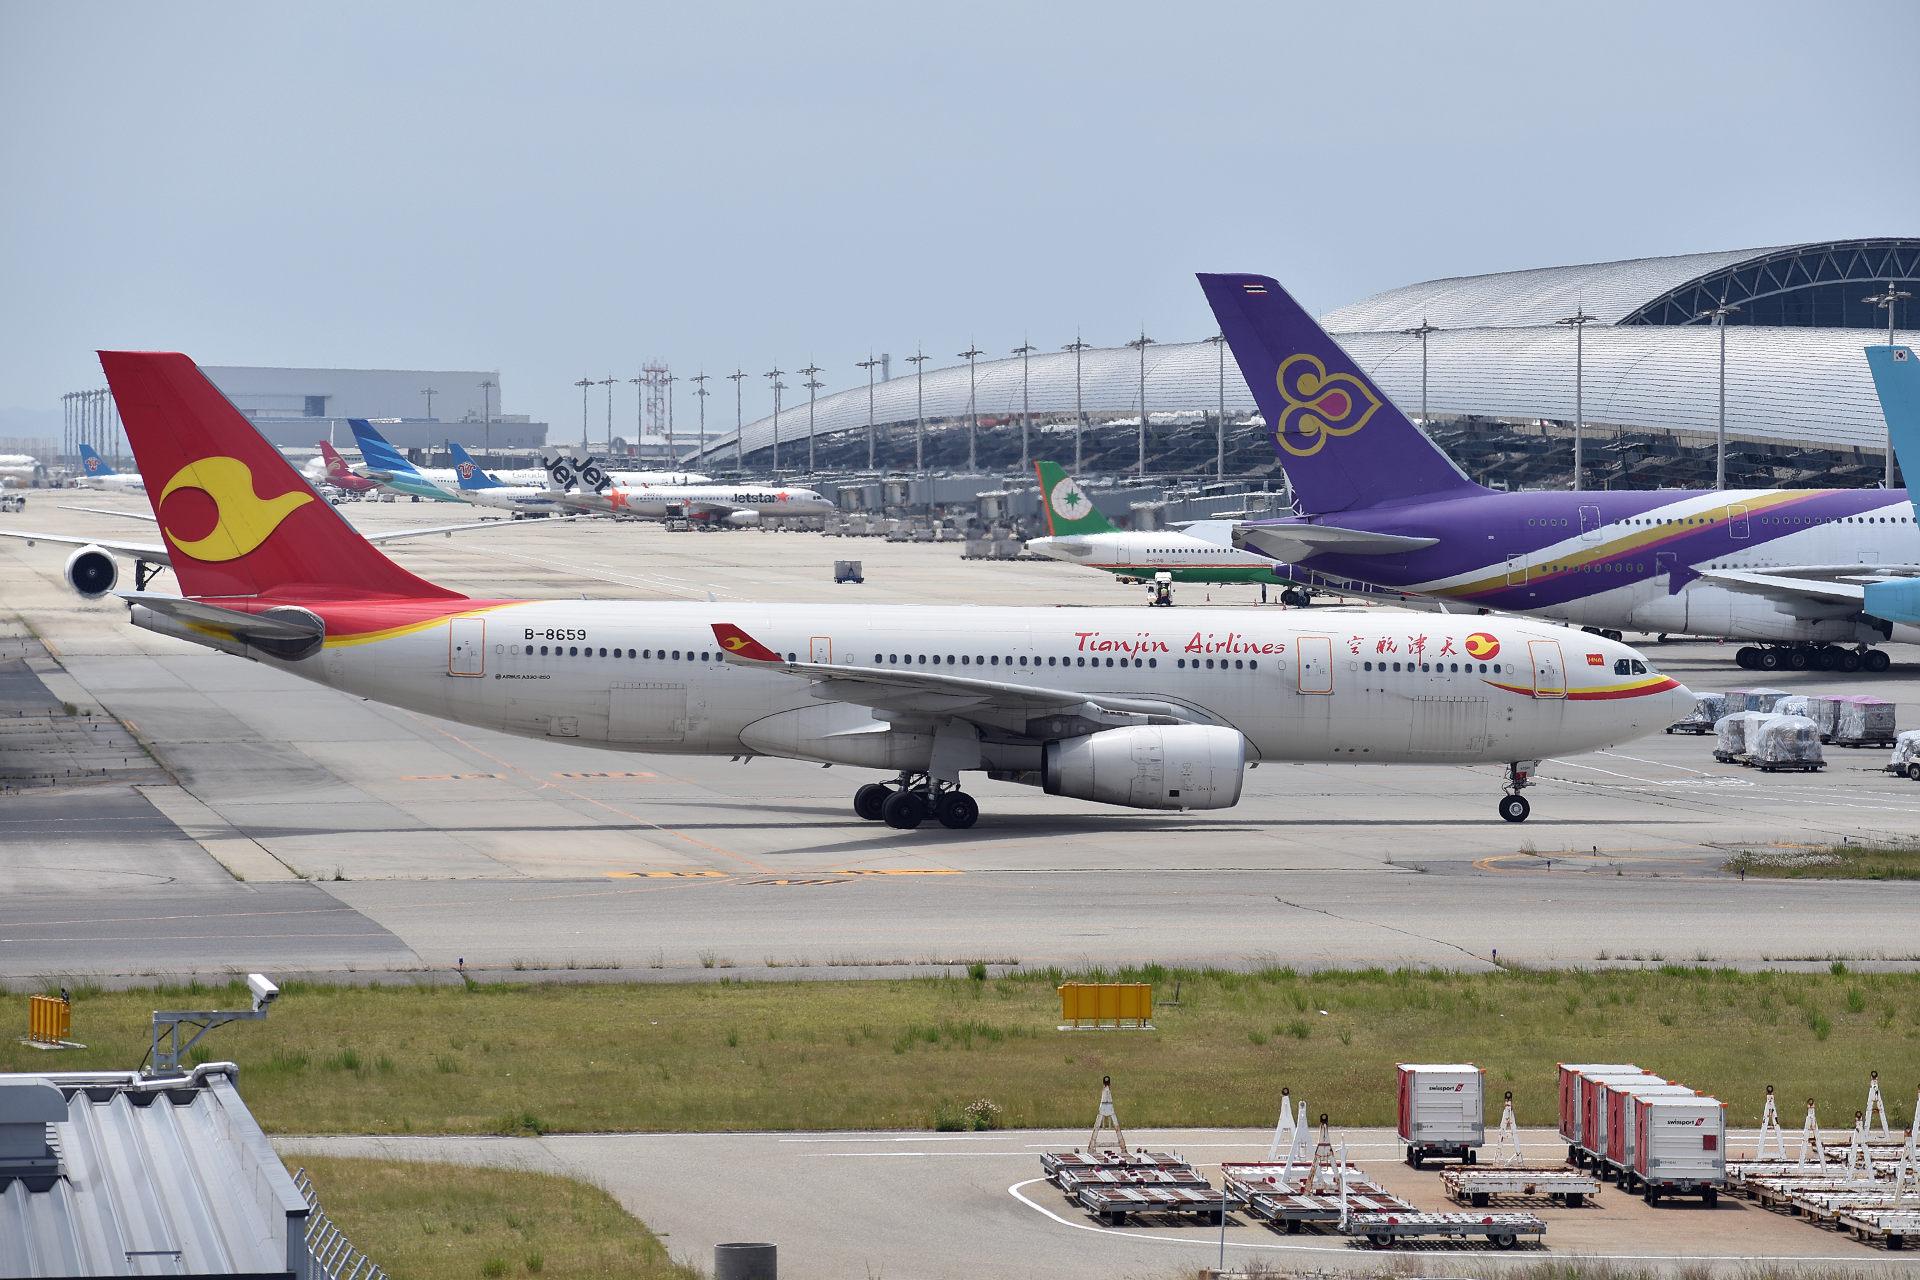 天津航空 B-8659